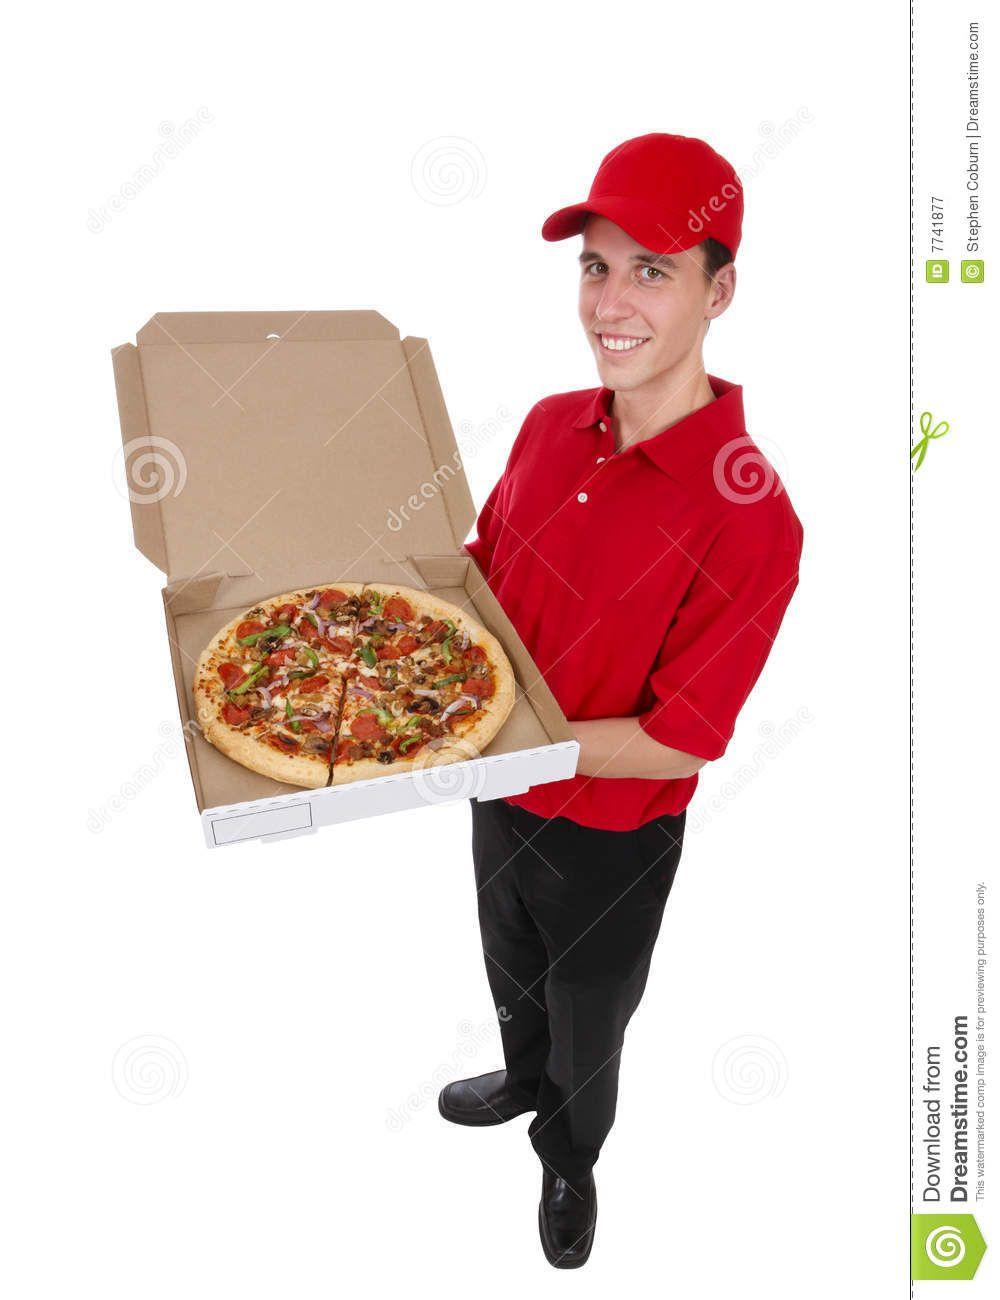 Pizza Delivery Man Pizza Delivery Guy Pizza Delivery Delivering Pizza